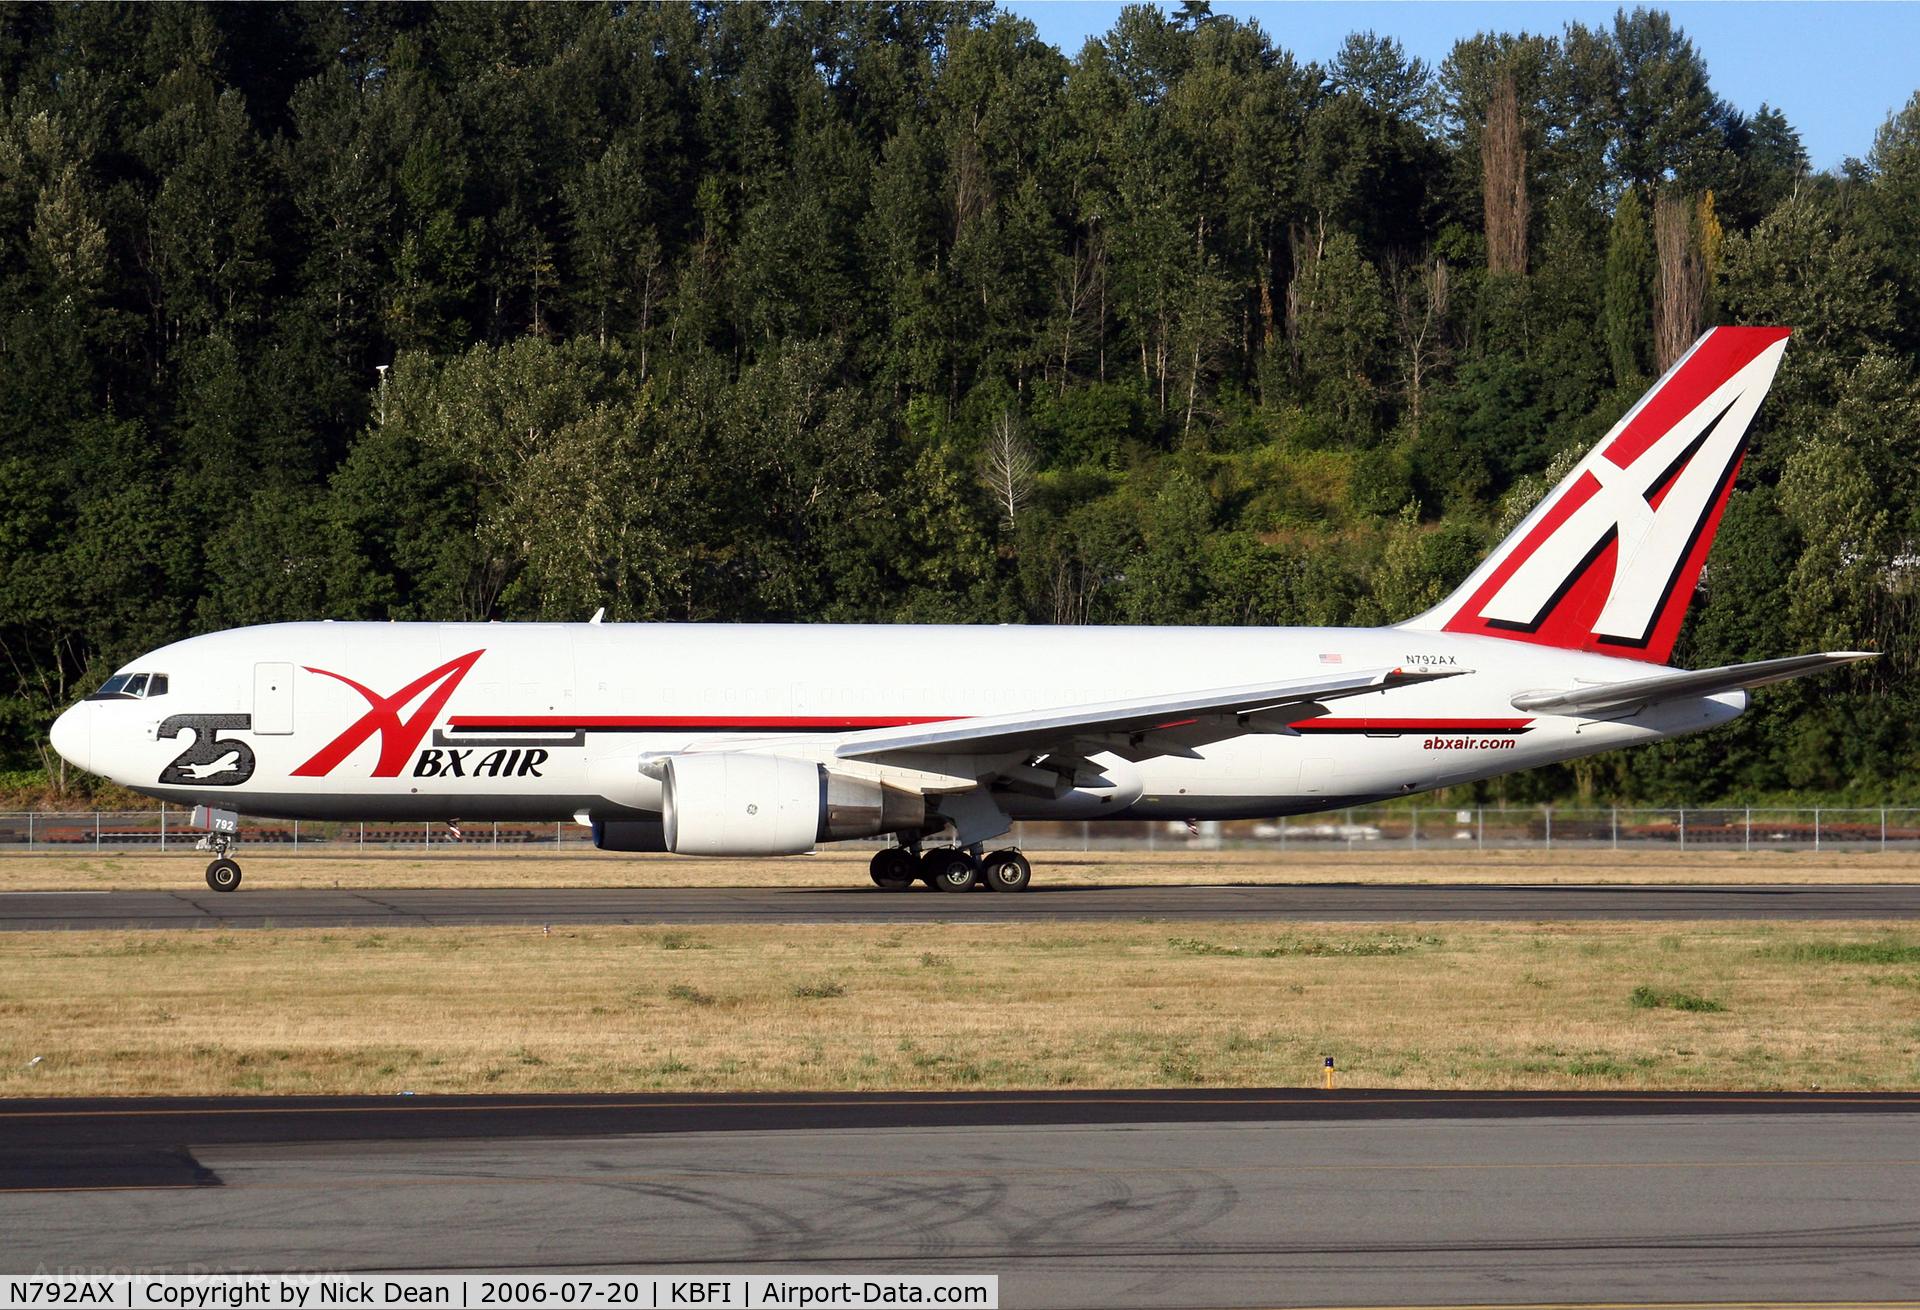 N792AX, 1986 Boeing 767-200 C/N 23142, /